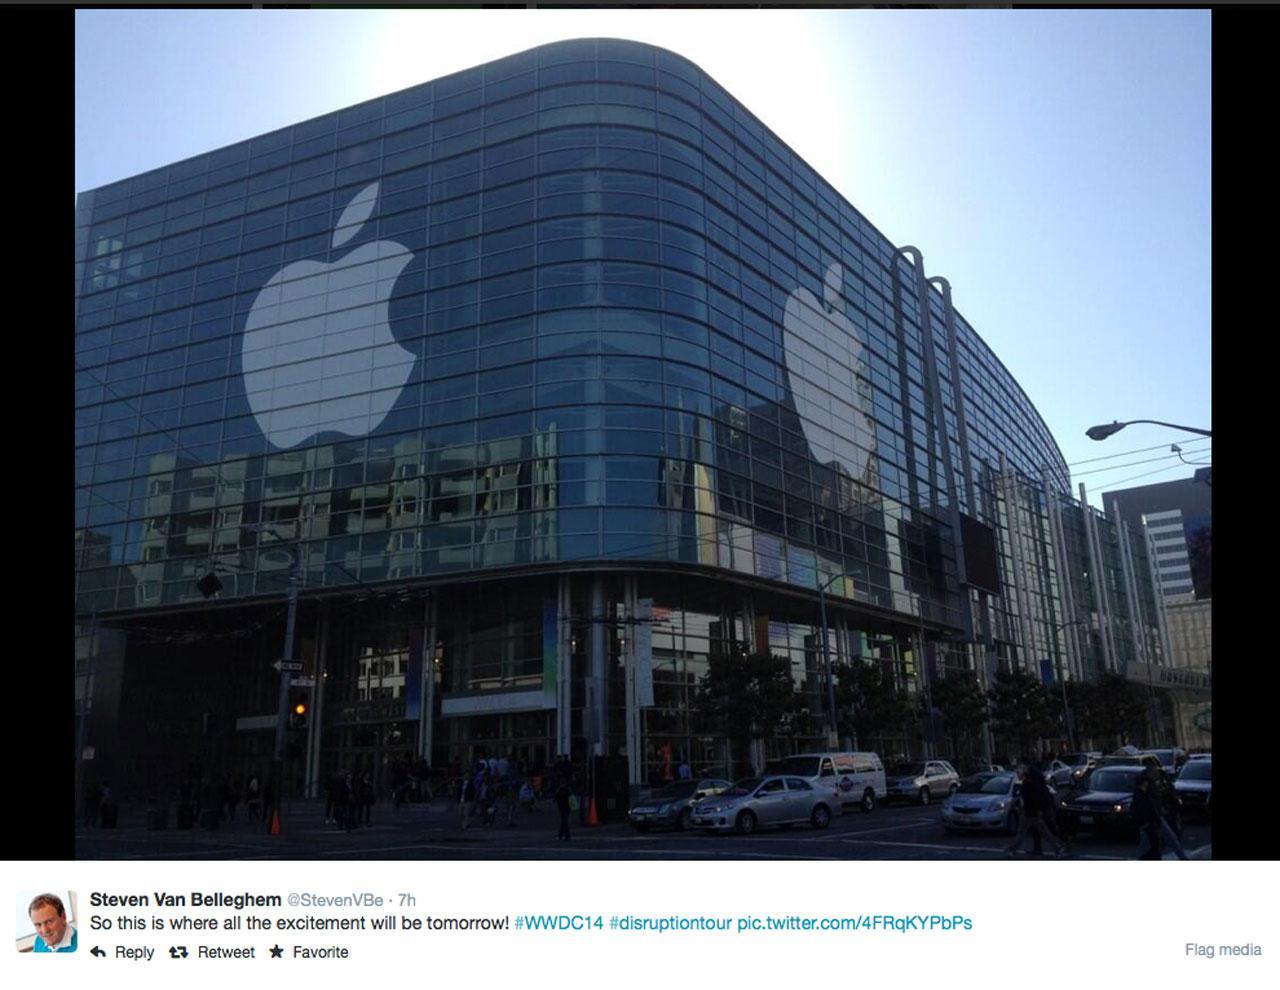 หอประชุมมอสคอน เซ็นเตอร์ ซานฟรานซิสโก สหรัฐอเมริกา สถานที่จัดงาน WWDC 2014